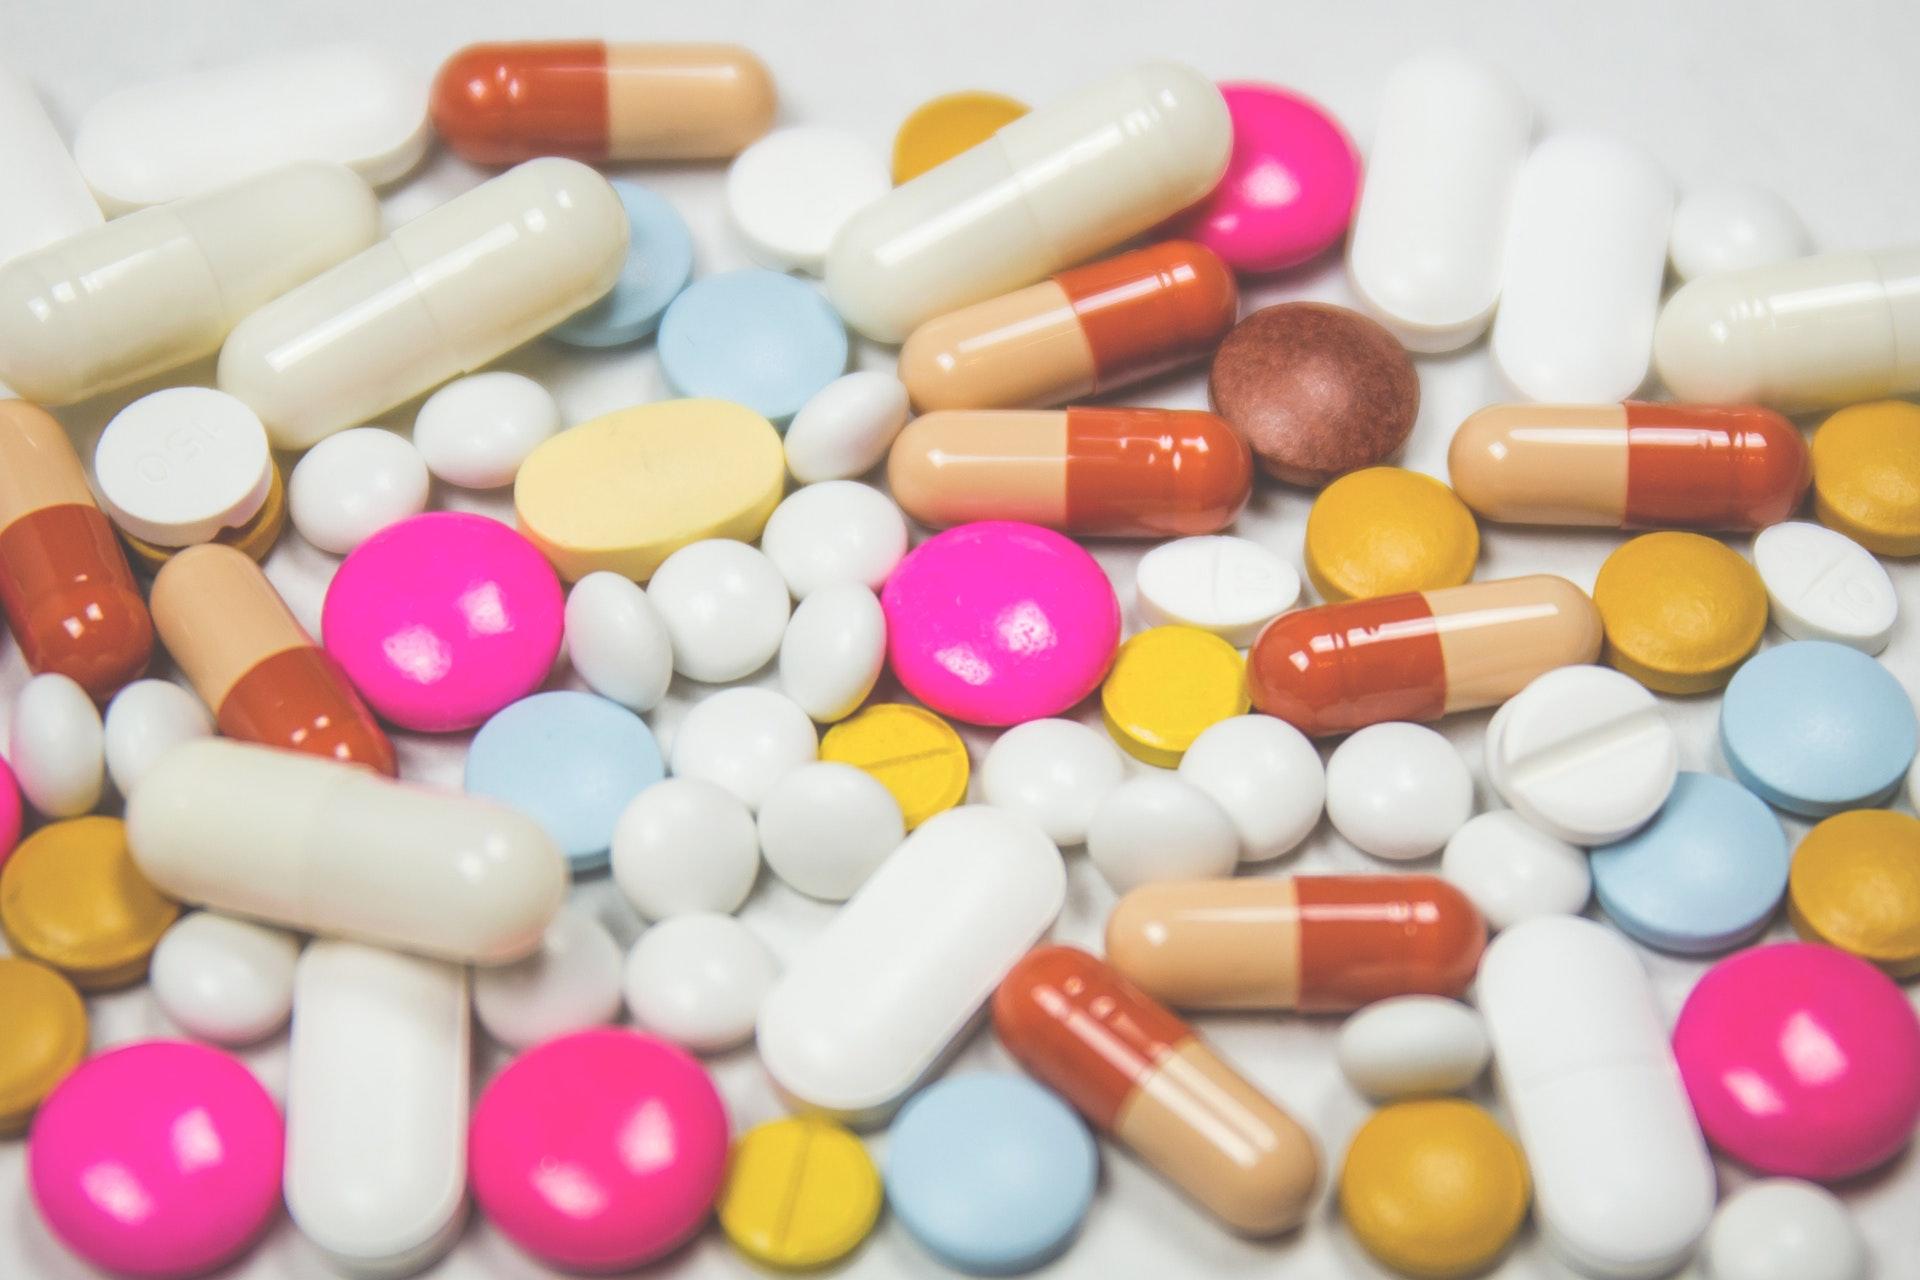 Які таблетки допомагають схуднути швидко і без шкоди організму